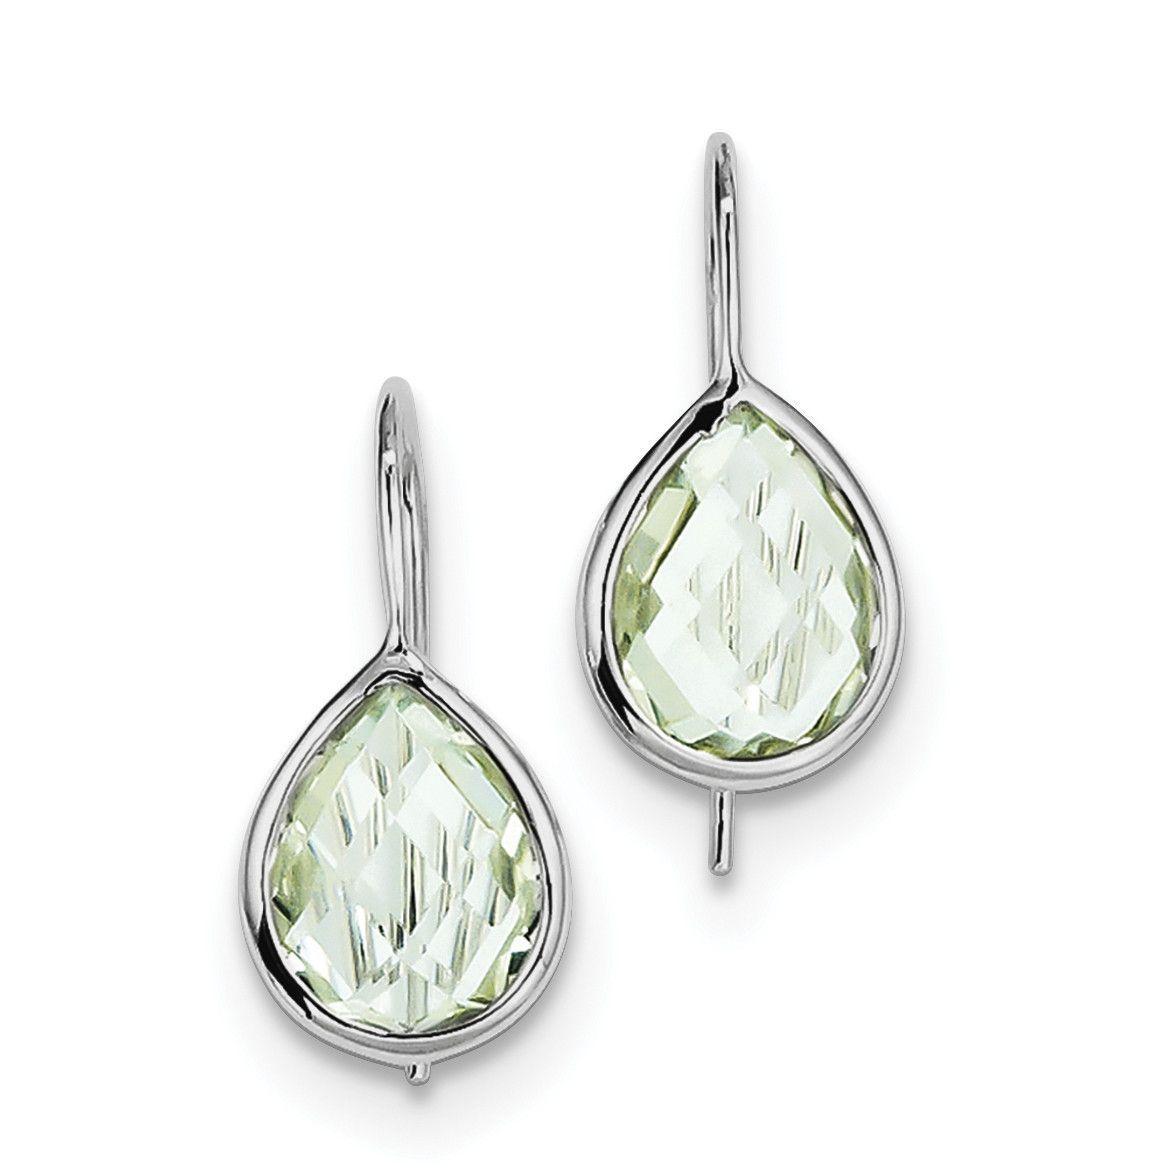 Sterling Silver Rhodium Plated Green Quartz Teardrop Earrings